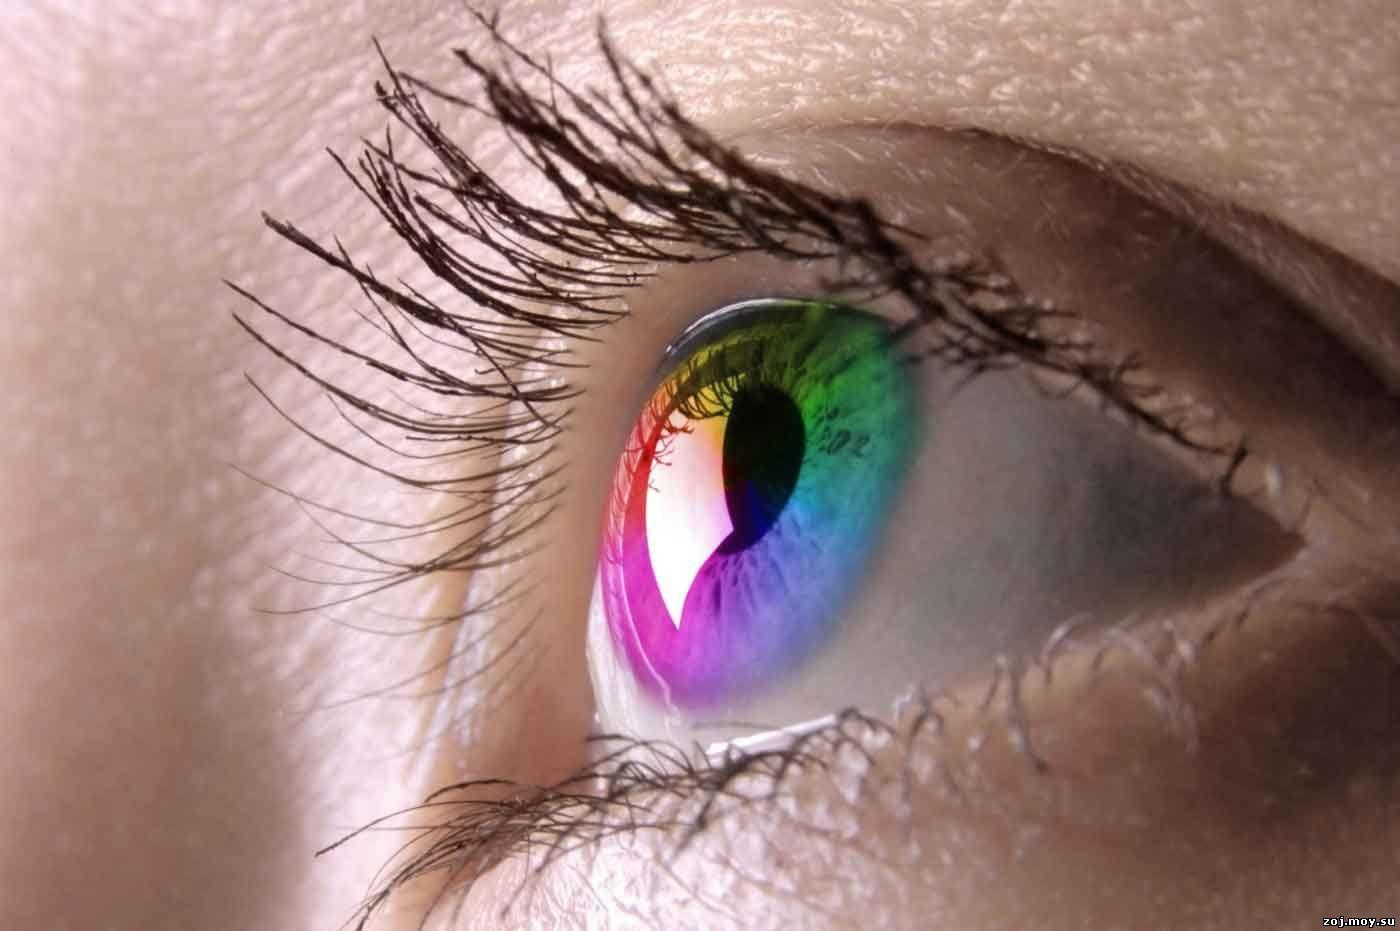 melyik átló biztonságos a látás szempontjából lézeres asztigmatizmus és rövidlátás